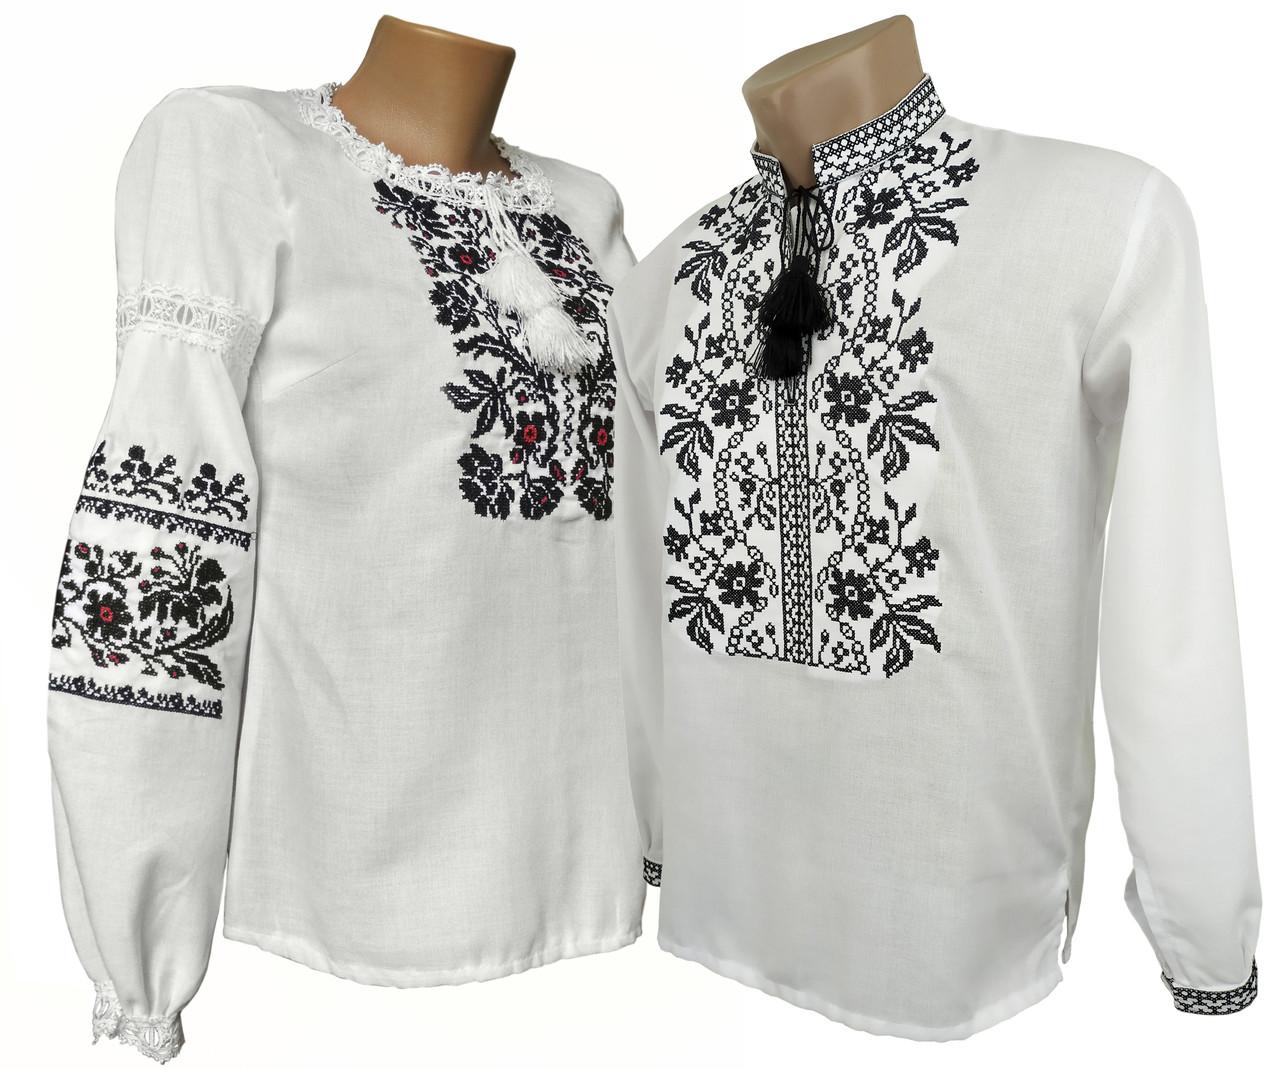 Парные вышиванки на белом полотне Борщевская вышиванка